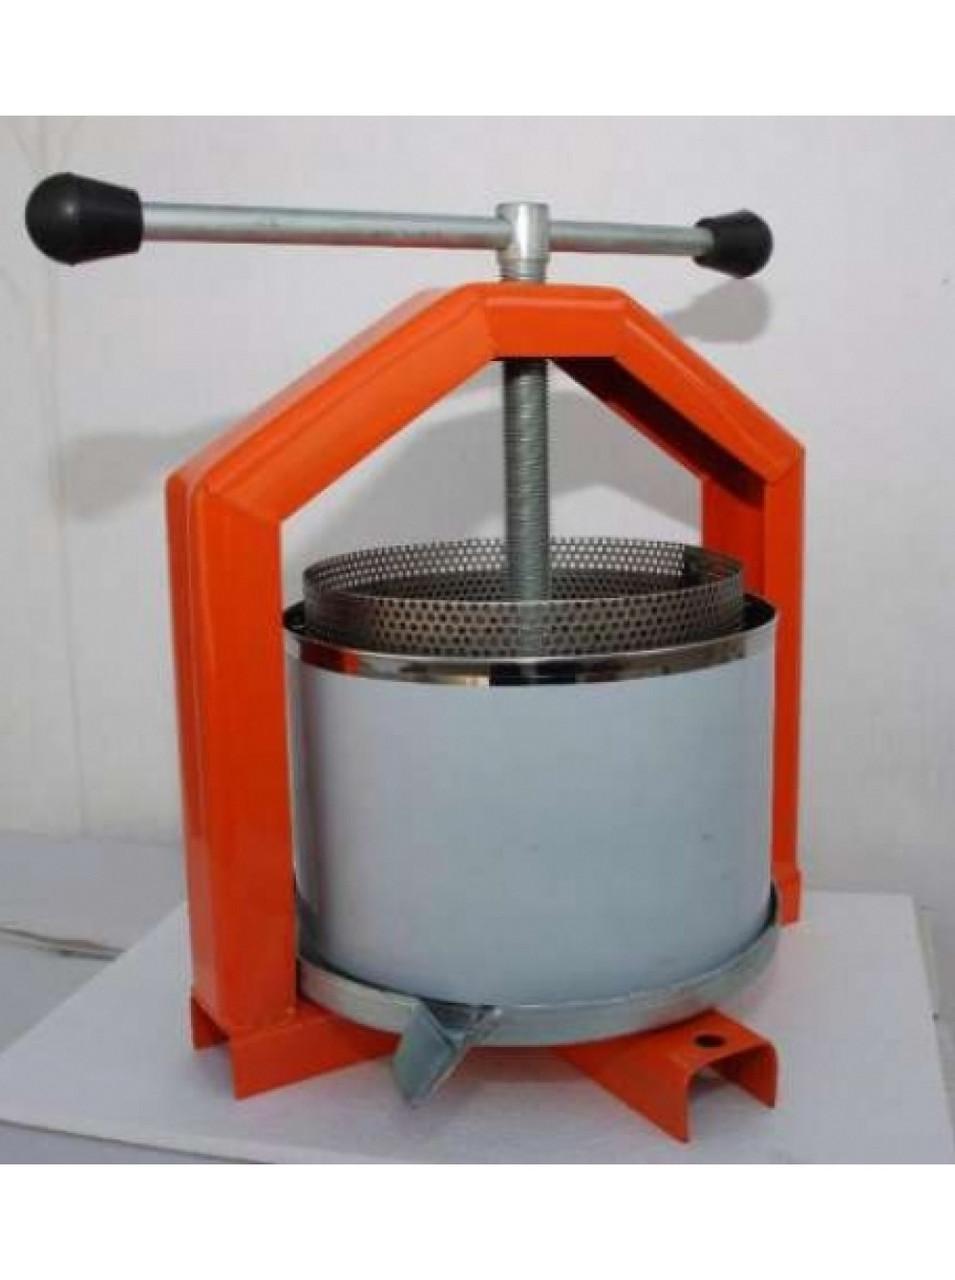 Пресс для отжима сока 6 л нержавейка ручной(Полтава)